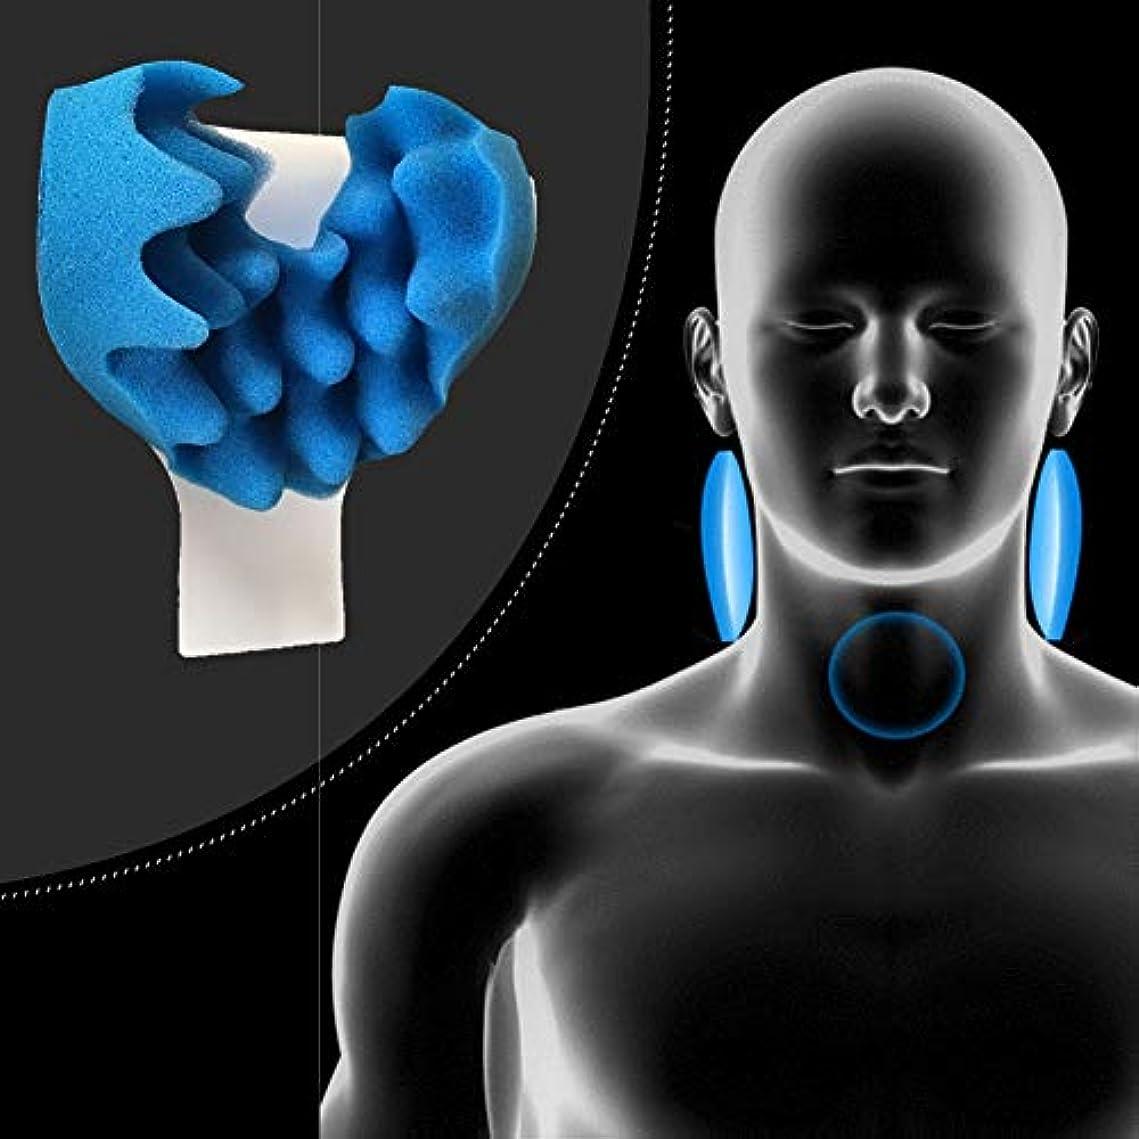 セットアップ代わりに拡張TerGOOSE マッサージ枕 マッサージ機 首マッサージャー マッサージ器 マッサージ枕 マッサージクッション 枕ピロー 新しい 新タイプ 肩こり 頚椎 多機能 ストレス 首肩こり解消 疲労 痛み 軽減 人気